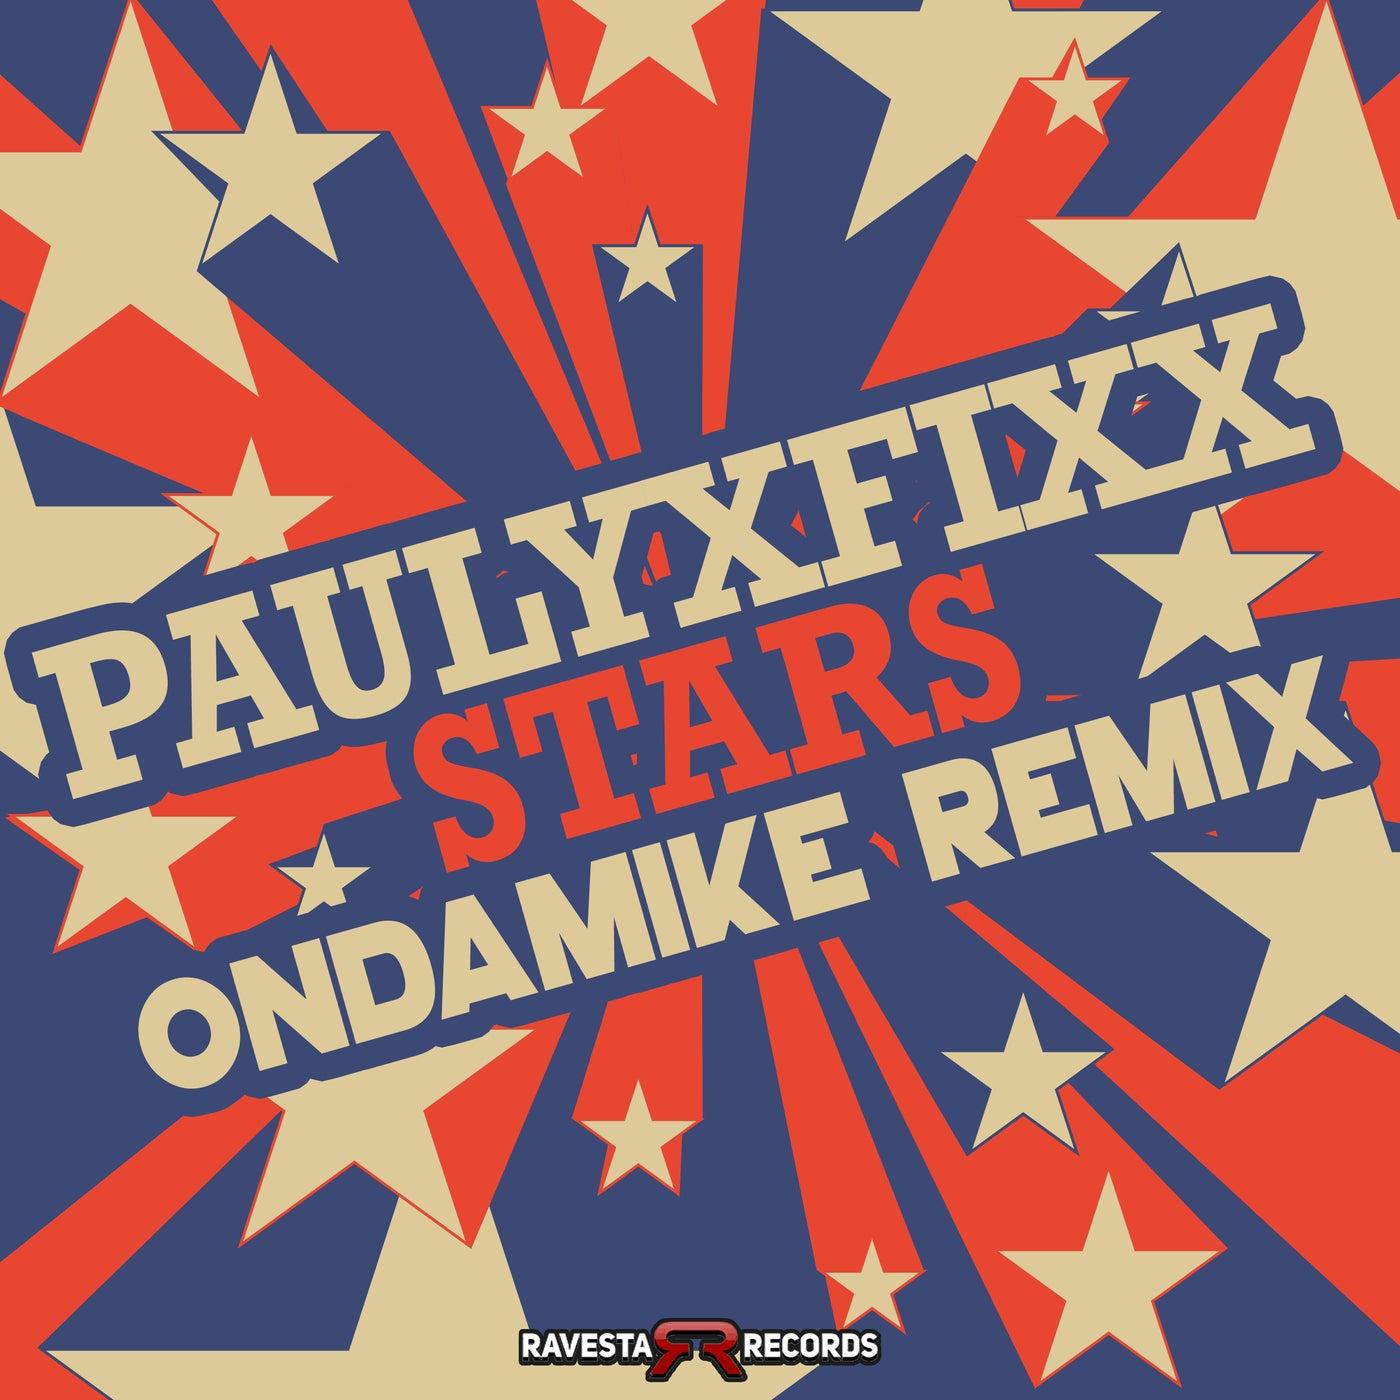 Stars (OnDaMiKe Remix)